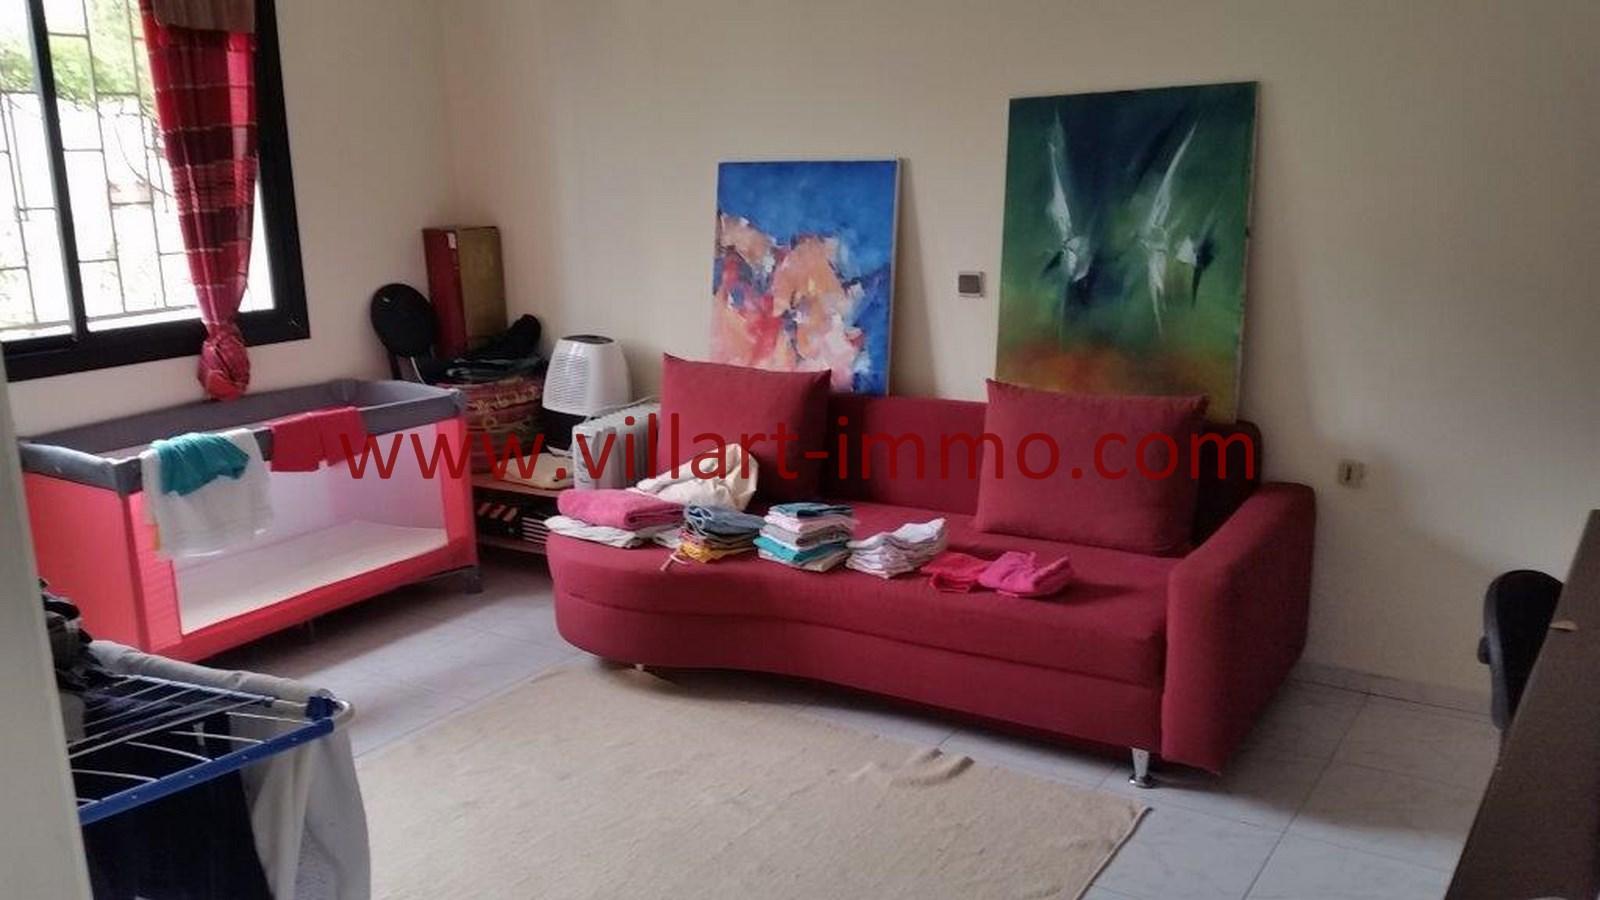 11-a-vendre-tanger-villa-californie-chambre-3-vv459-villart-immo-agence-immobiliere